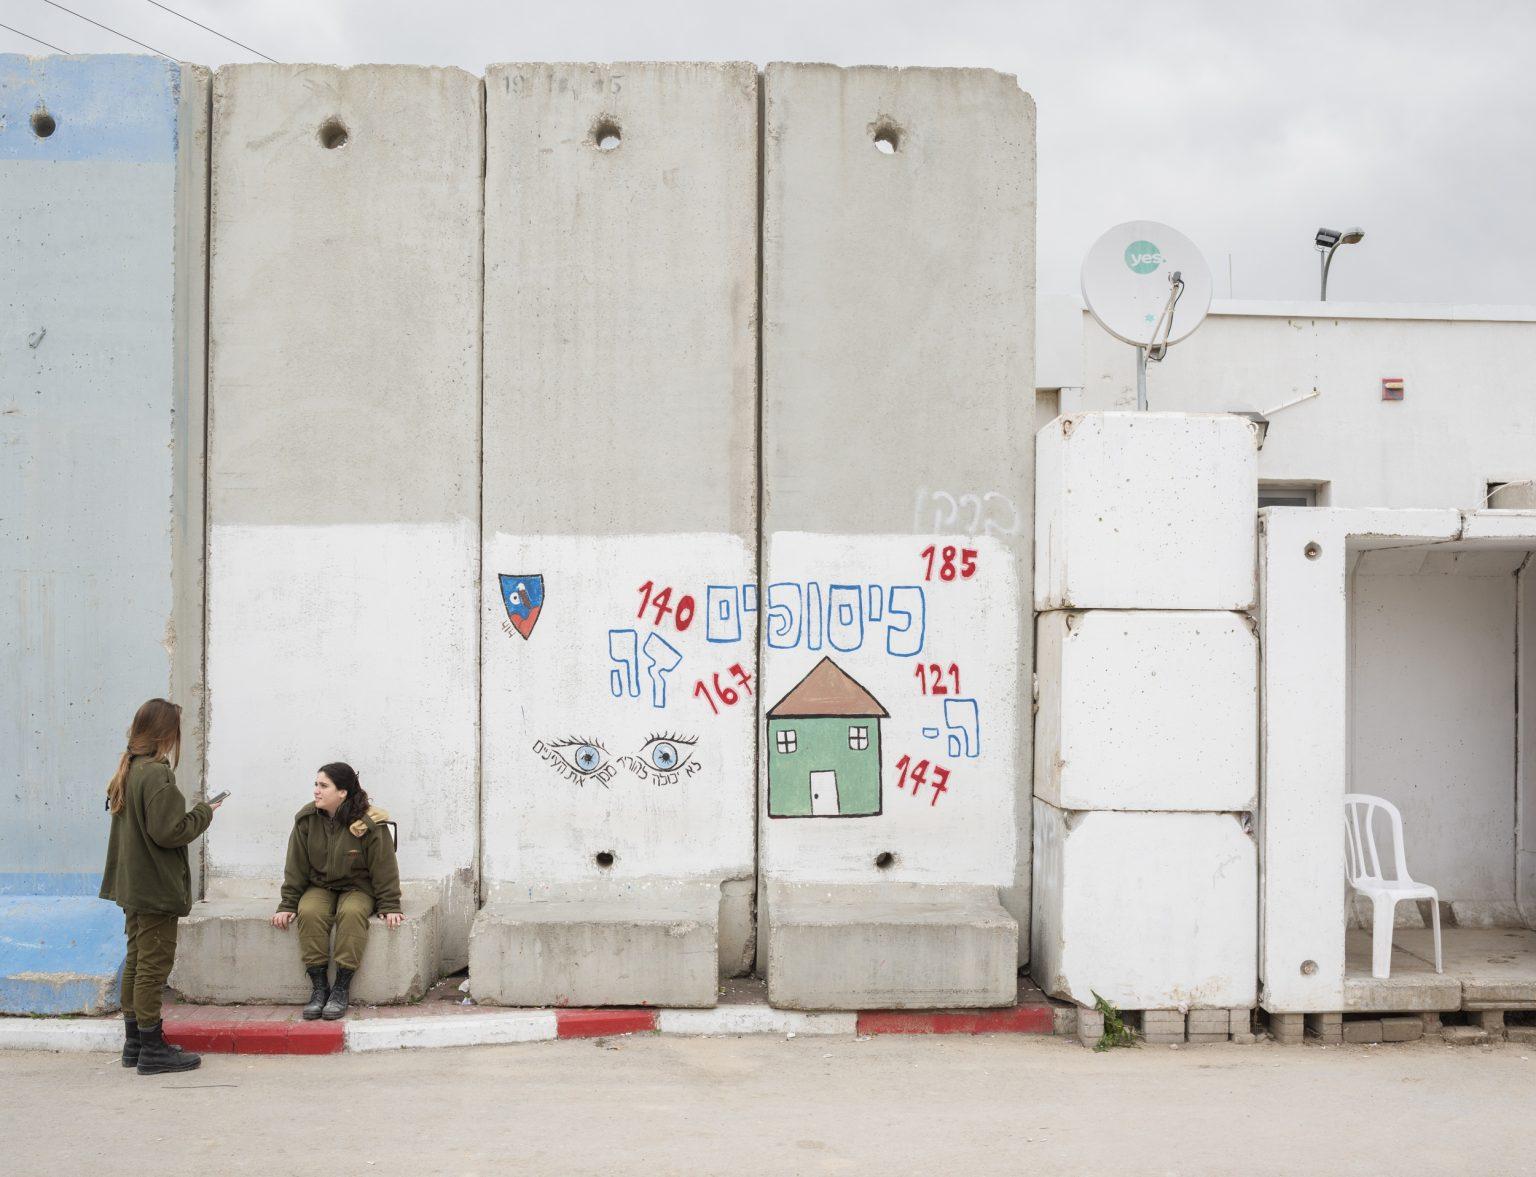 """Kissufim, Israel, February 201?7 - Northwestern Negev Desert.? Operation and Observation Uni?t soldiers at the entrance of ?Kissufim Observation Room, loc?ated in the Kissufim IDF base,? where soldiers can observe th?e opposite side of the border ?via UGV (unmanned ground vehic?le) and cameras placed on Pask?al stations - antennae that ar?e 200-300 meters high. With th?e help of these devices, the u?nit's soldiers can constantly ?control every activity at the ?arab-israelian border. The uni?t belongs to the combat intell?igence corps and it is in char?ge of studying the territory a?nd help the ground forces to u?nderstand the situation on the? ground. For this reason it is? also called """"the eye of the s?tate"""". ><  Kissufim, Israele, ?febbraio 2017 - Deserto nord-o?ccidentale del Negev. Soldates?se della Operation and Observa?tion Unit chiacchierano all'en?trata della Kissufim Observati?on Room, situata nella base de?ll'IDF di Kissufim, dove l'uni?tà di soldati può monitorare i?l lato opposto del confine gra?zie ai dati provenienti dagli ?UGV (unmanned ground vehicle) ?e dalle telecamere posizionate? sulle stazioni Paskal, antenn?e alte 200-300 metri. Con l'ai?uto di queste telecamere l'uni?tà controlla costantemente qua?lsiasi attività presso il conf?ine arabo-israeliano. La Opera?tion and Observation Unit fa p?arte delle unità di combattime?nto e intelligence ed è respon?sabile del controllo delle fro?ntiere, oltre ad essere incari?cata di studiare il territorio? ed aiutare le forze di terra ?a comprendere la situazione su?l campo. Per questo motivo è c?hiamata """"gli occhi dello stato?"""". *Stitched photograph*"""